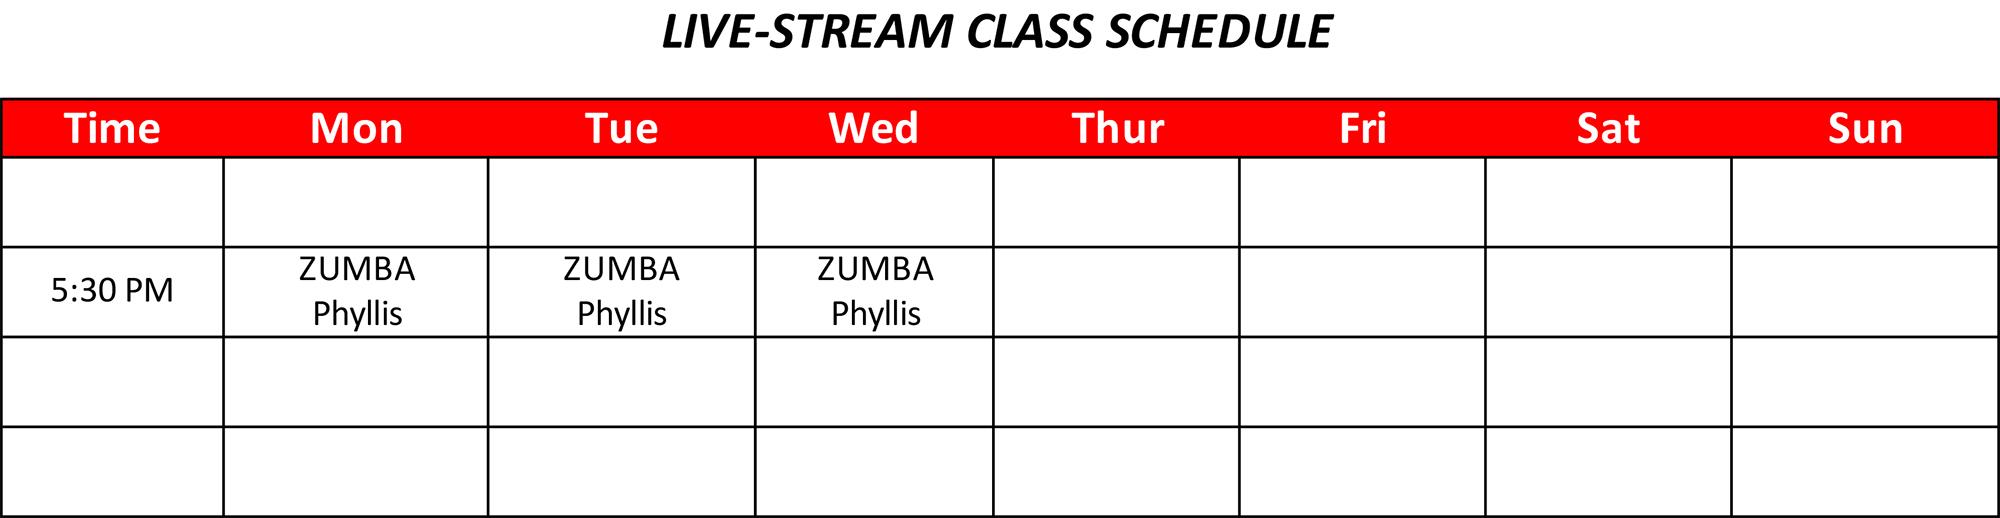 Live-Stream Class Schedule